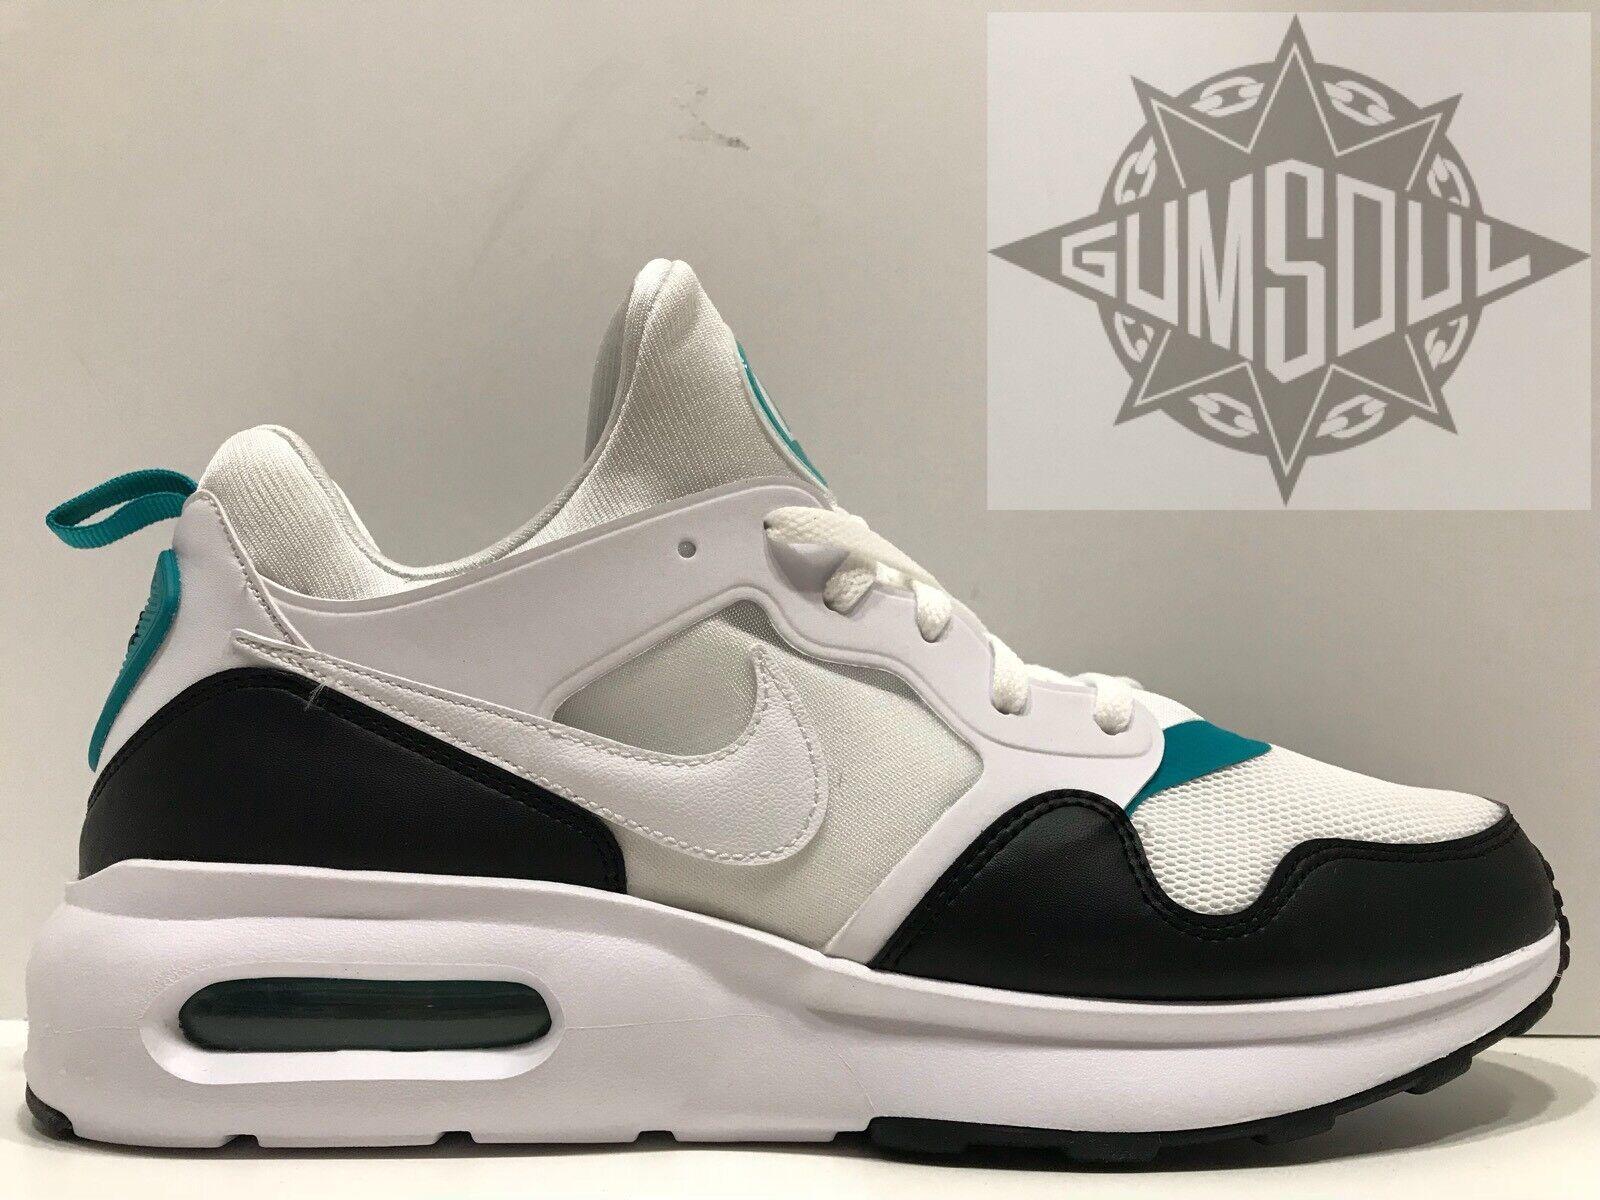 Nike air max primo white turbo verde nero 876068 103 sz 13